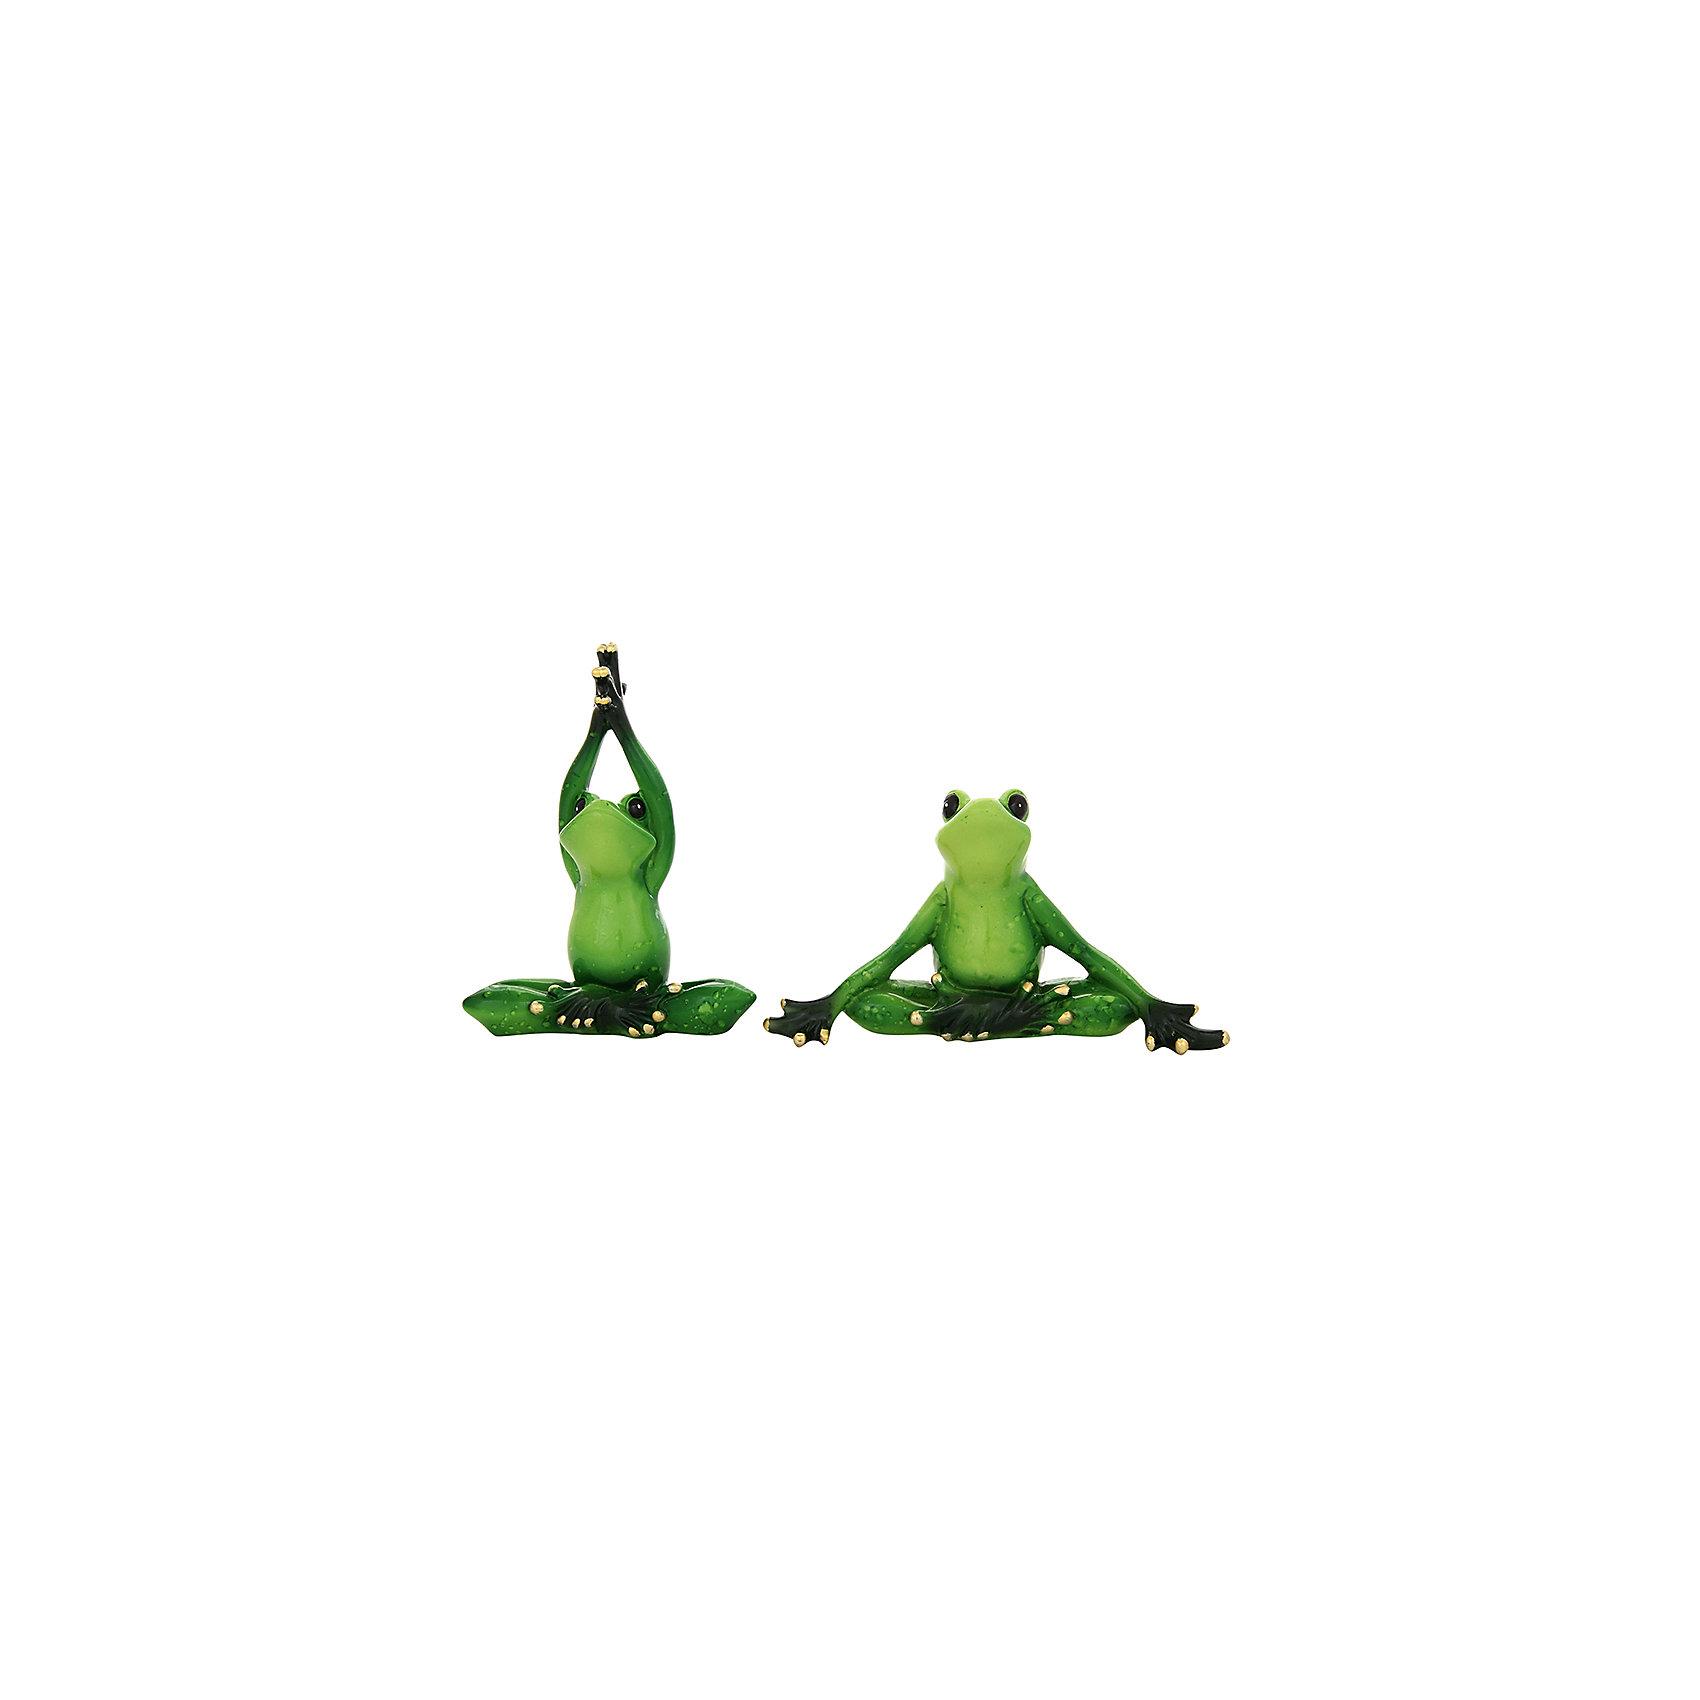 Фигурка декоративная 2 пр. Лягушки йоги, Elan GalleryПредметы интерьера<br>Характеристики товара:<br><br>• цвет: мульти<br>• материал: полистоун<br>• высота: 12 см<br>• вес: 350 г<br>• комплектация: 2 предмета<br>• подходит к любому интерьеру<br>• отлично проработаны детали<br>• универсальный размер<br>• страна бренда: Российская Федерация<br>• страна производства: Китай<br><br>Такая декоративная фигурка - отличный пример красивой вещи для любого интерьера. Благодаря универсальному дизайну и расцветке она хорошо будет смотреться в помещении.<br><br>Декоративная фигурка может стать отличным приобретением для дома или подарком для любителей симпатичных вещей, украшающих пространство.<br><br>Бренд Elan Gallery - это красивые и практичные товары для дома с современным дизайном. Они добавляют в жильё уюта и комфорта! <br><br>Фигурку декоративную 2 пр. Лягушки-йоги Elan Gallery можно купить в нашем интернет-магазине.<br><br>Ширина мм: 198<br>Глубина мм: 93<br>Высота мм: 199<br>Вес г: 348<br>Возраст от месяцев: 0<br>Возраст до месяцев: 1188<br>Пол: Унисекс<br>Возраст: Детский<br>SKU: 6669037